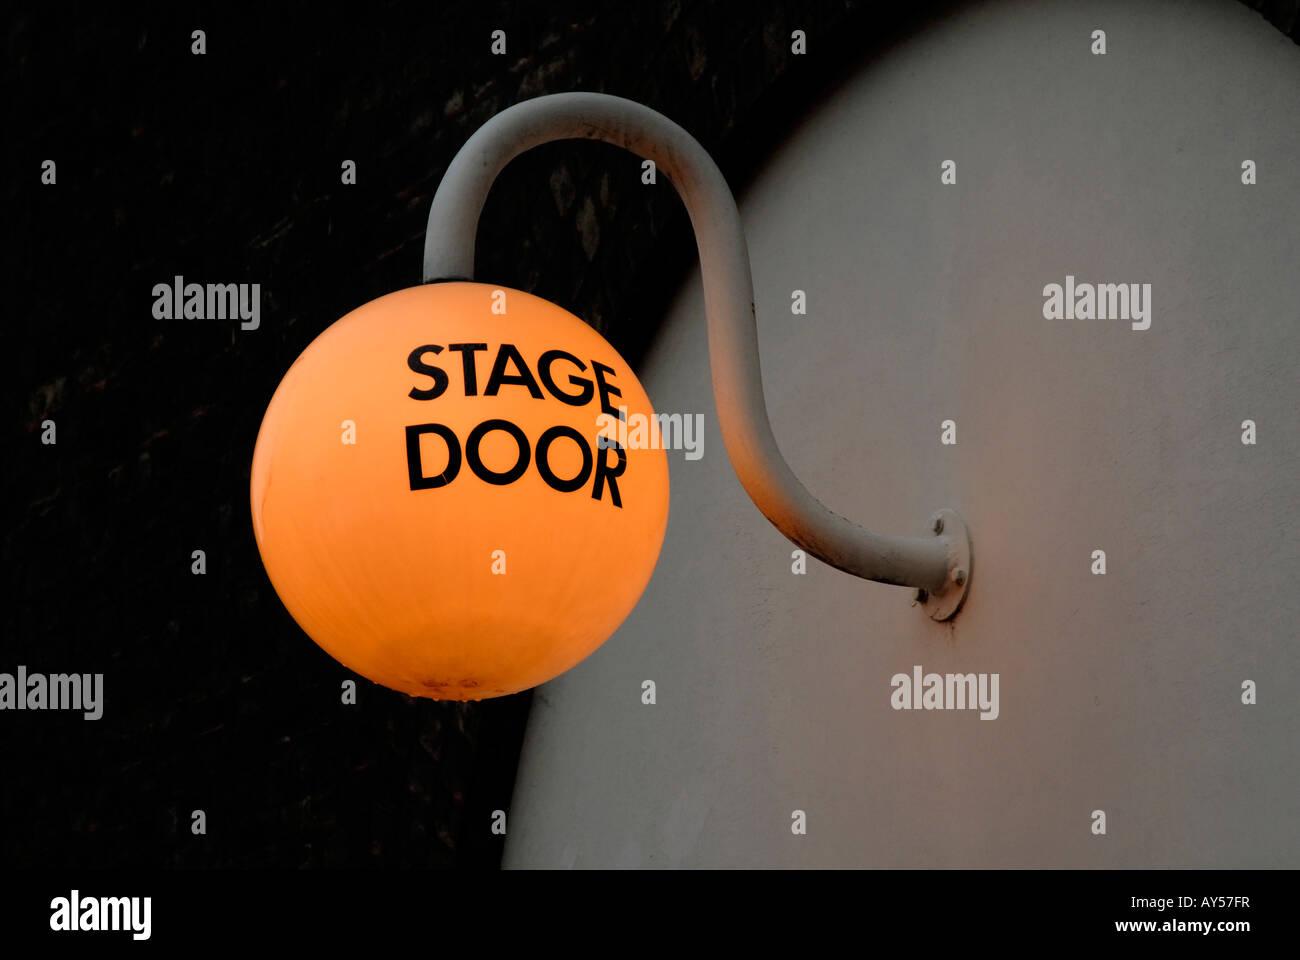 show the exit door stockfotos show the exit door bilder. Black Bedroom Furniture Sets. Home Design Ideas